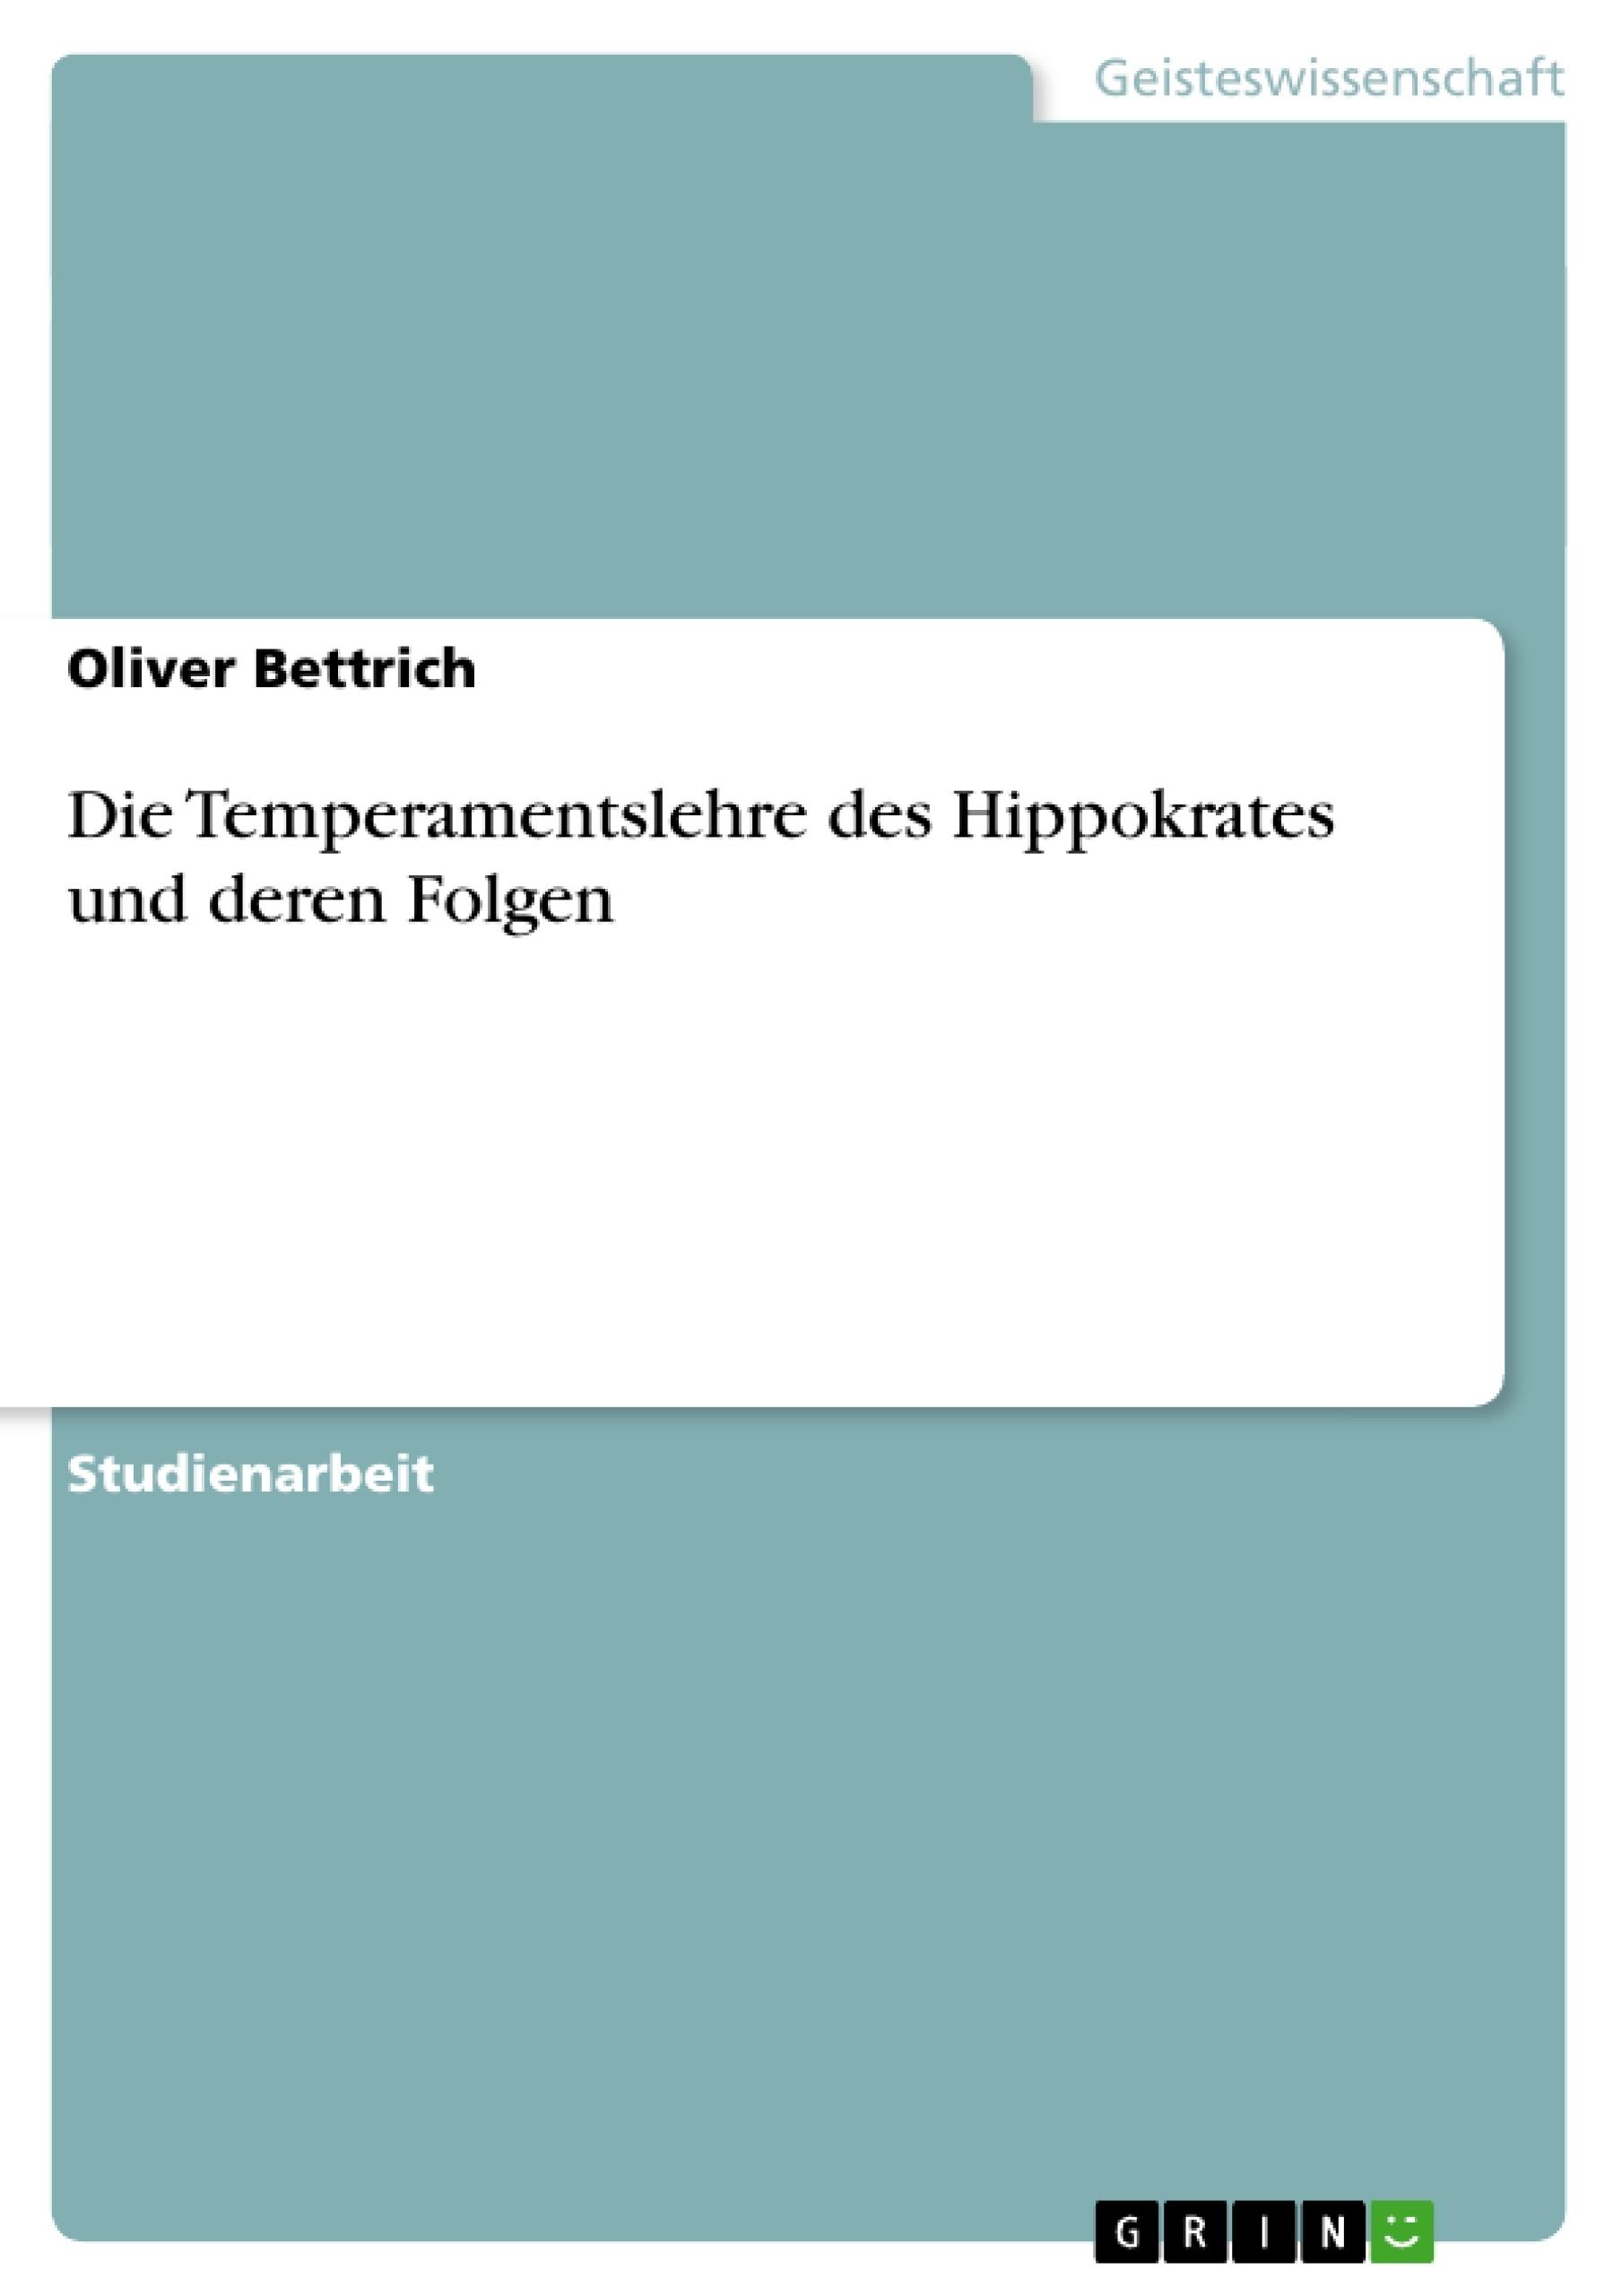 Titel: Die Temperamentslehre des Hippokrates und deren Folgen